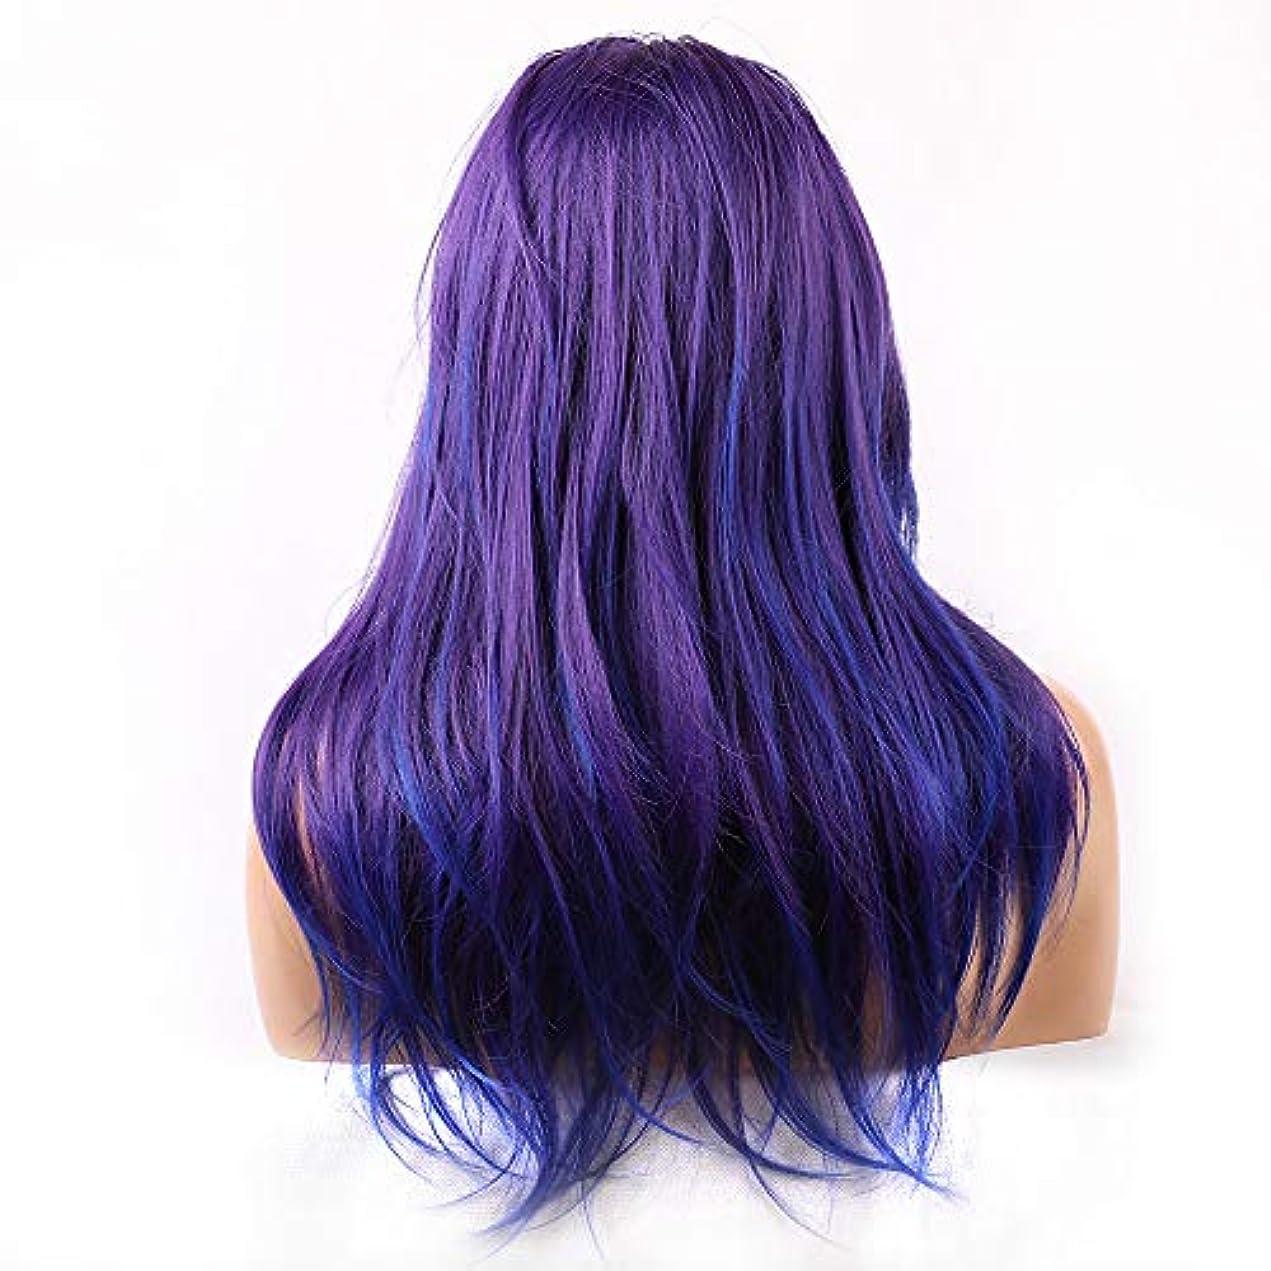 ユーモラスラウンジ推定レースCOSの小道具の前に女性の青い長い巻き毛のかつらをかつら